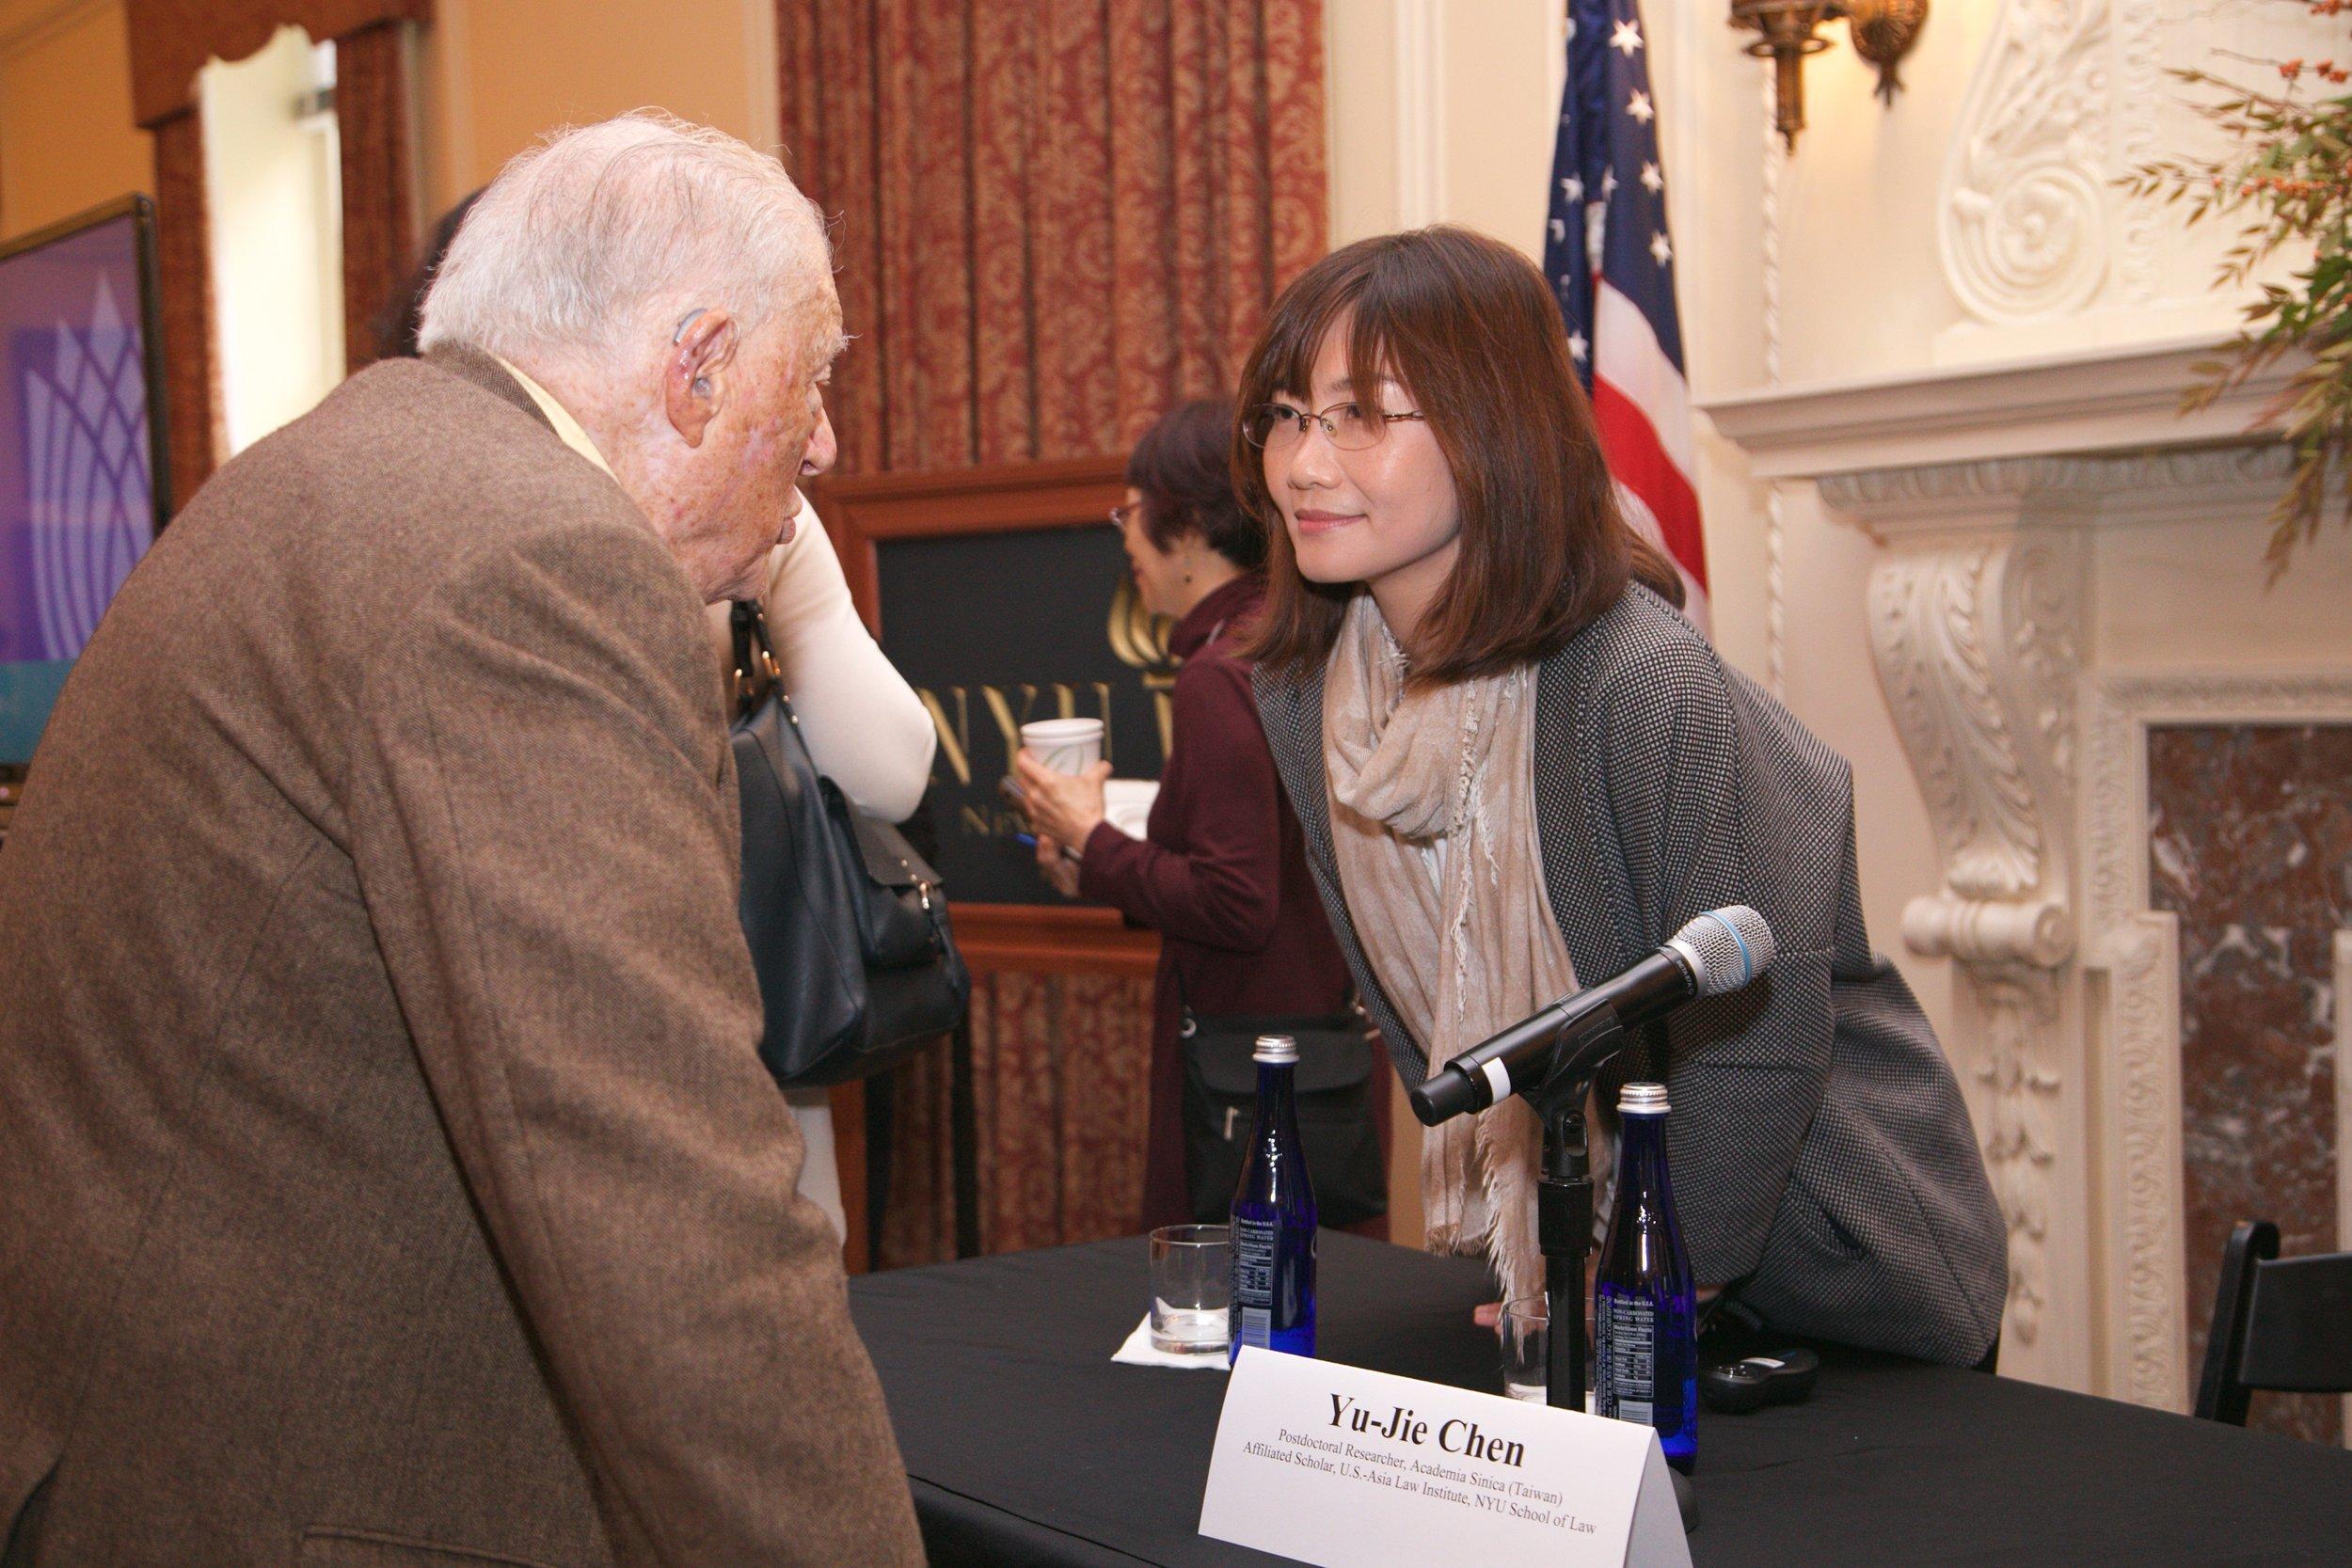 Yu-jie Chen and Robert Bernstein